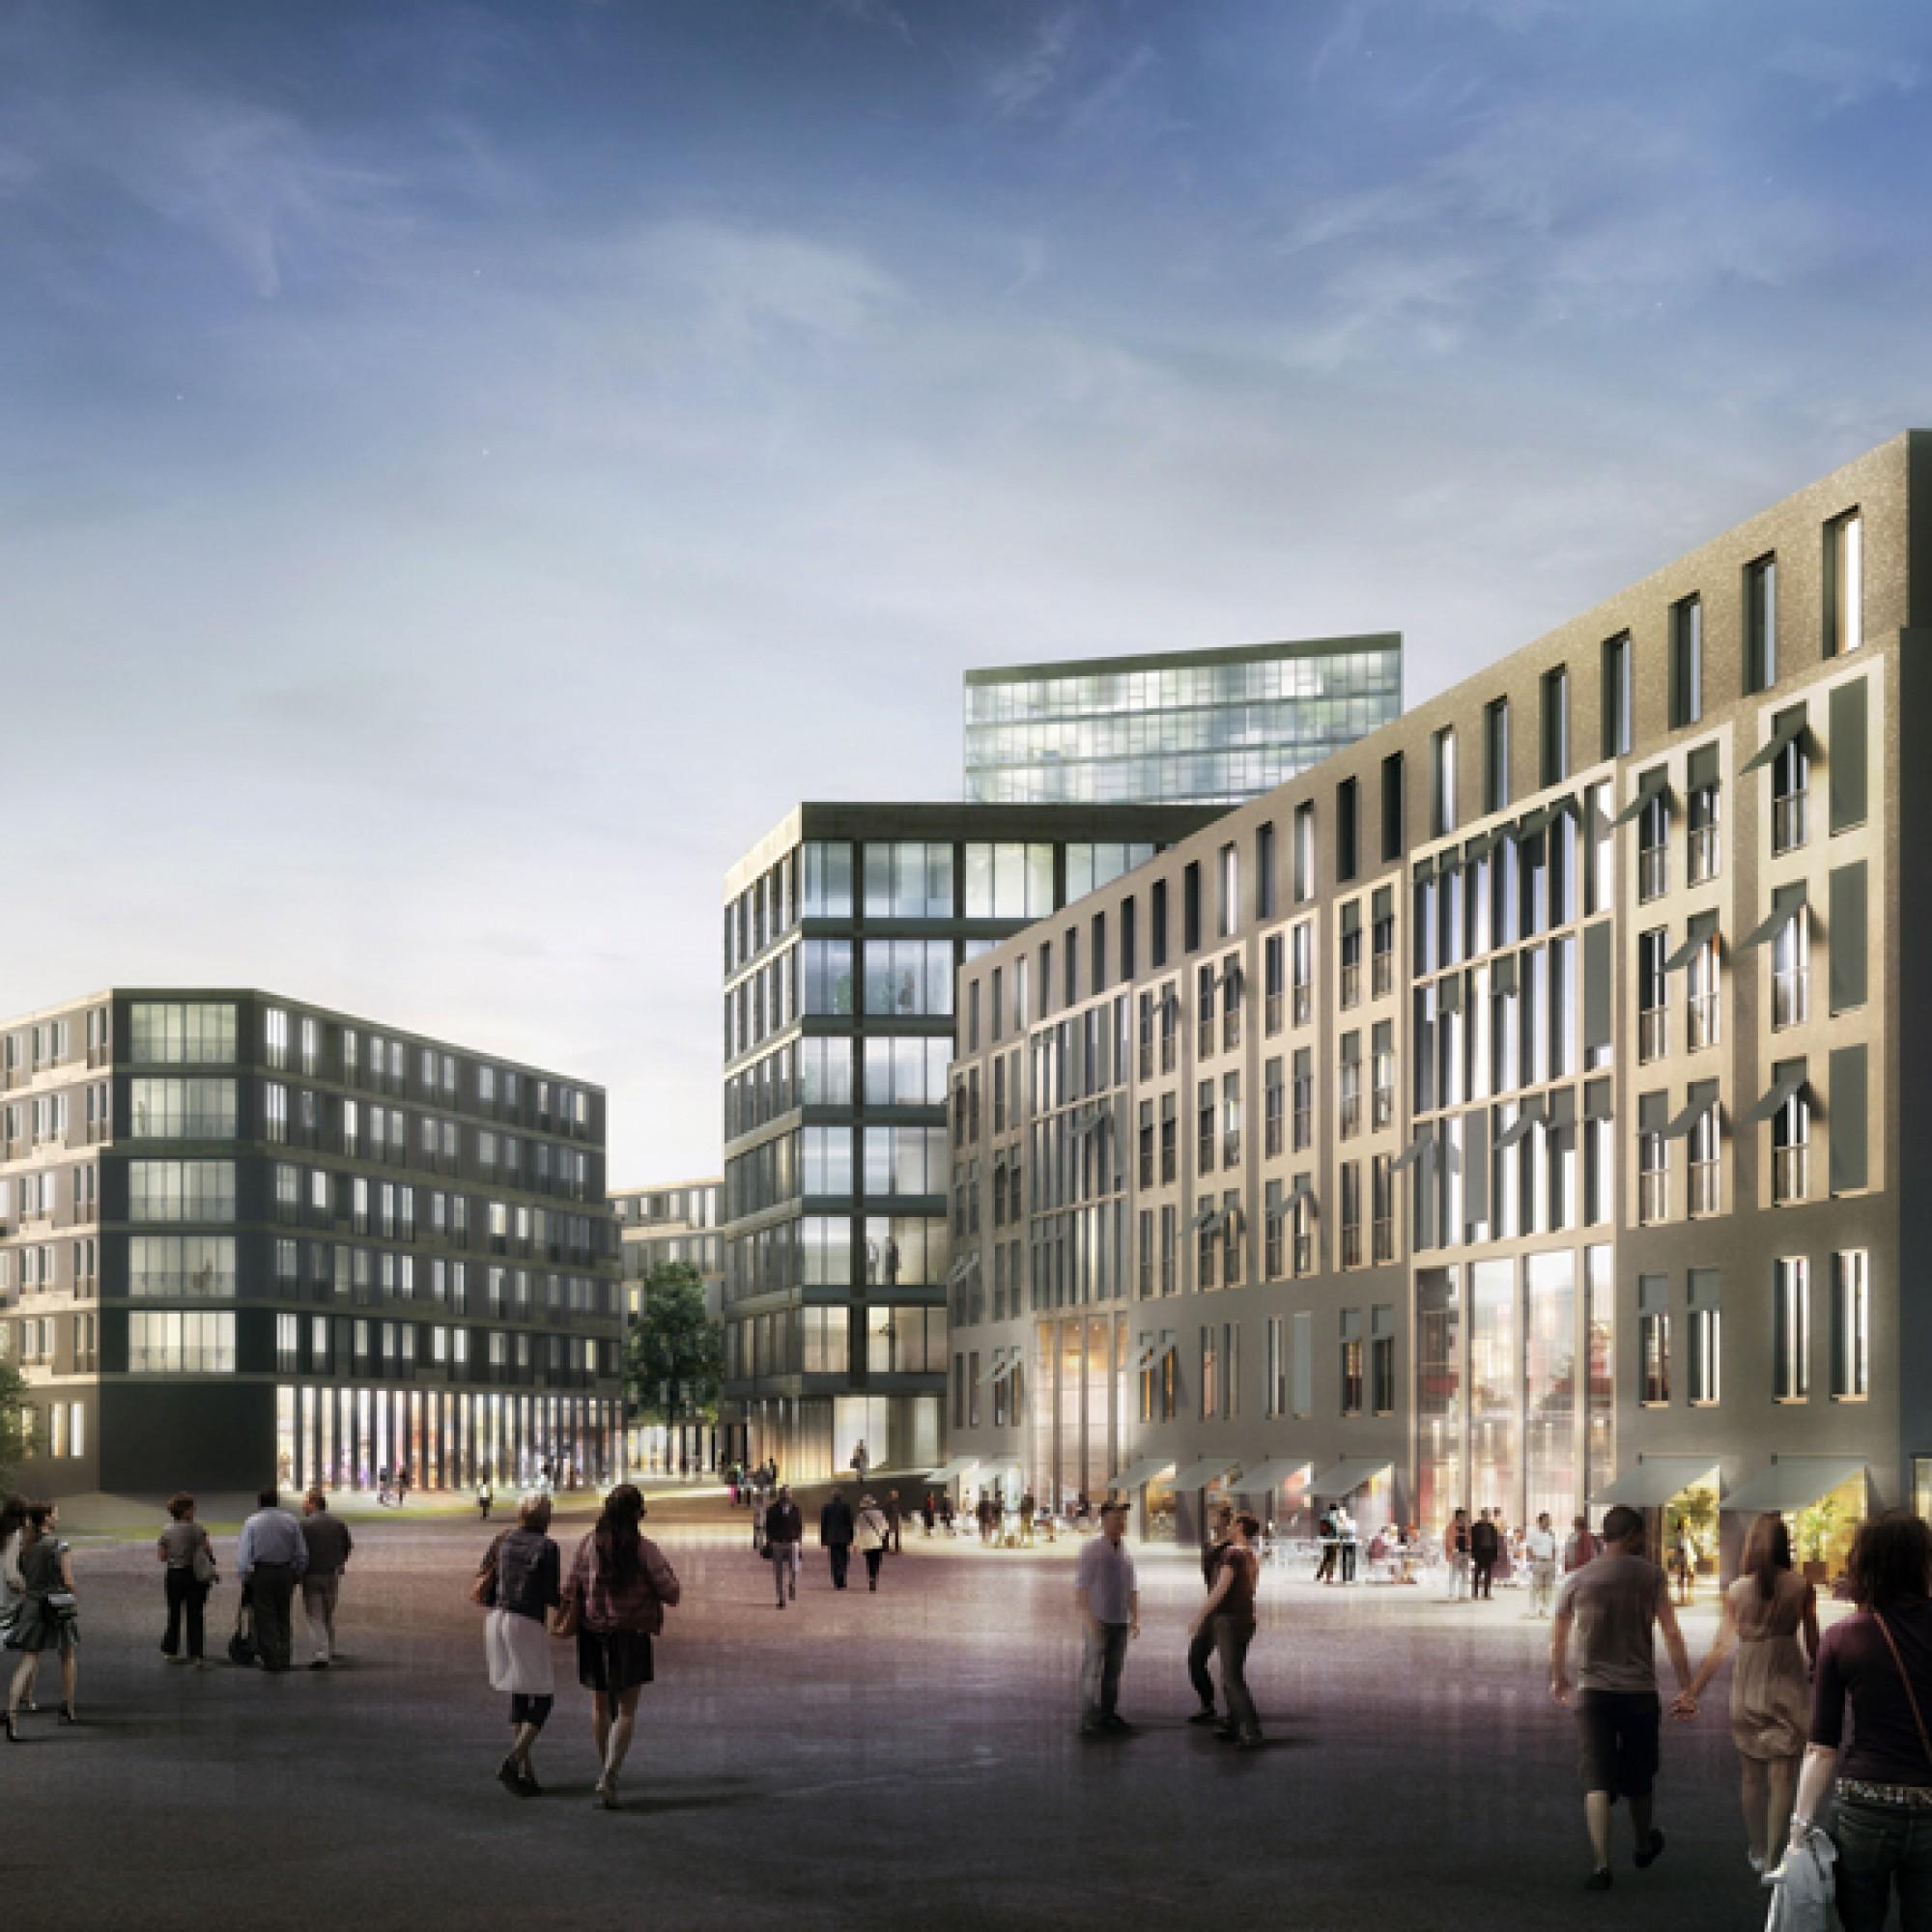 Das neue Stadtquartier von Bülach (zvg)